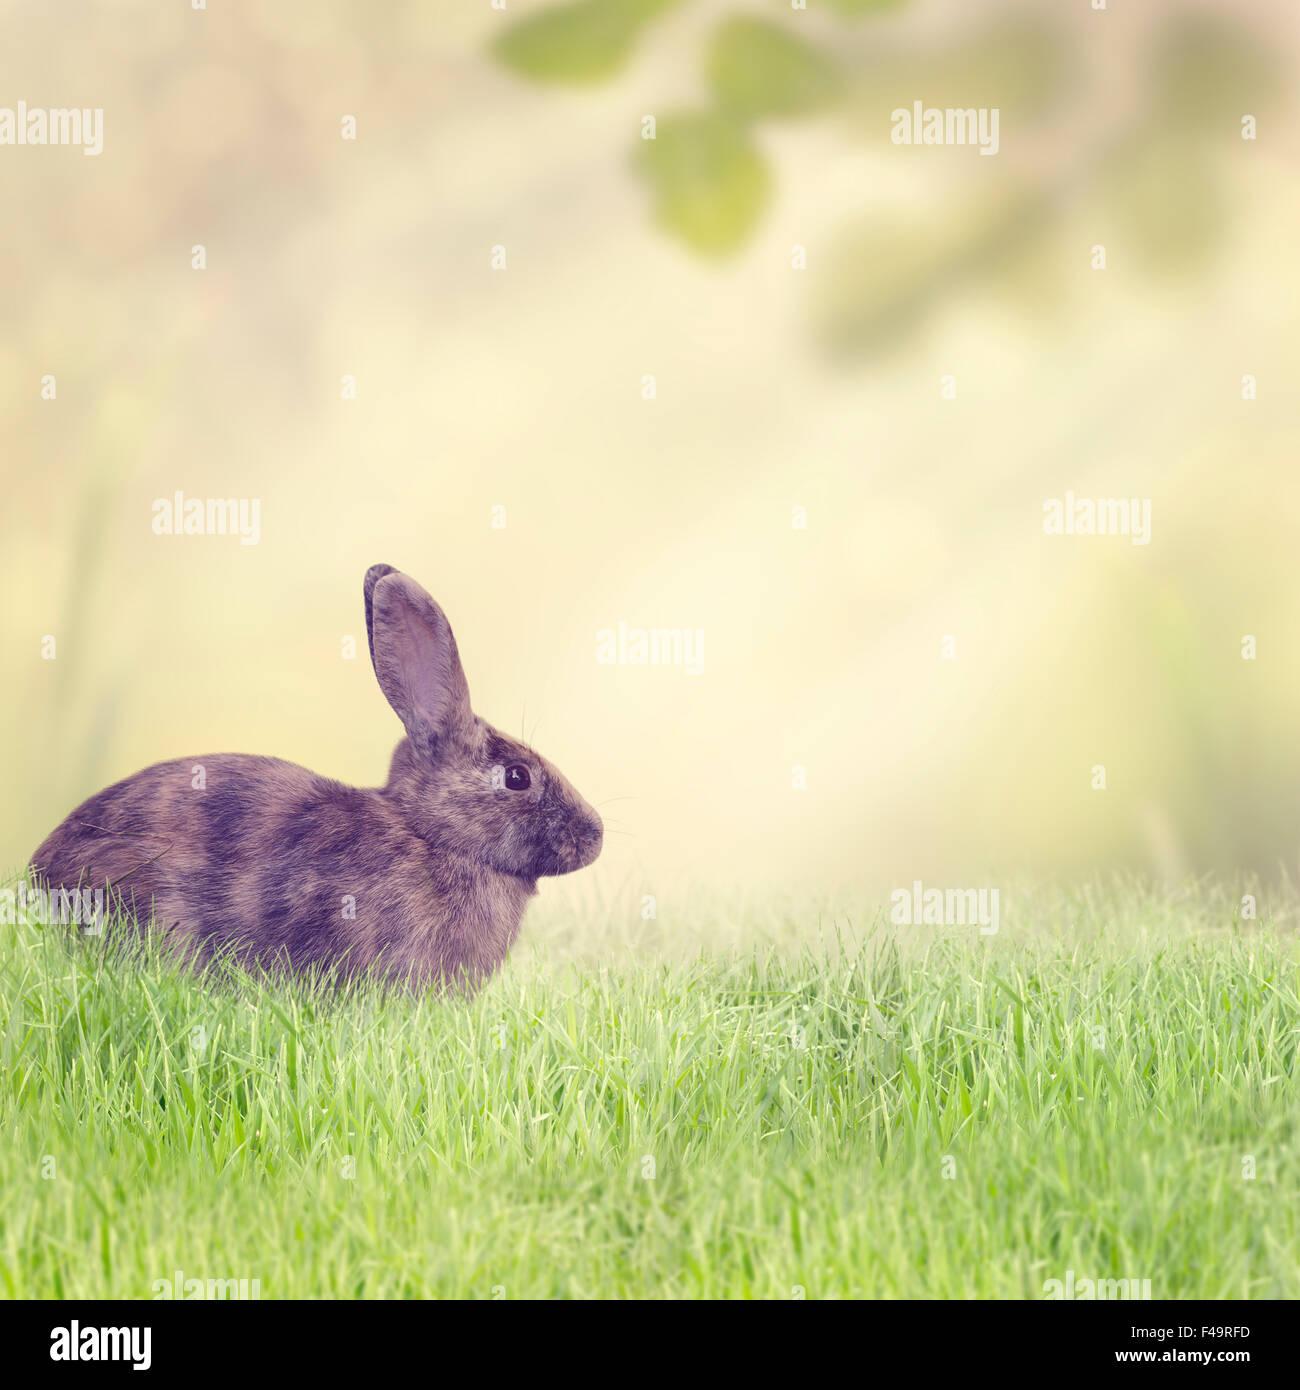 Conejo sentado en el césped Imagen De Stock